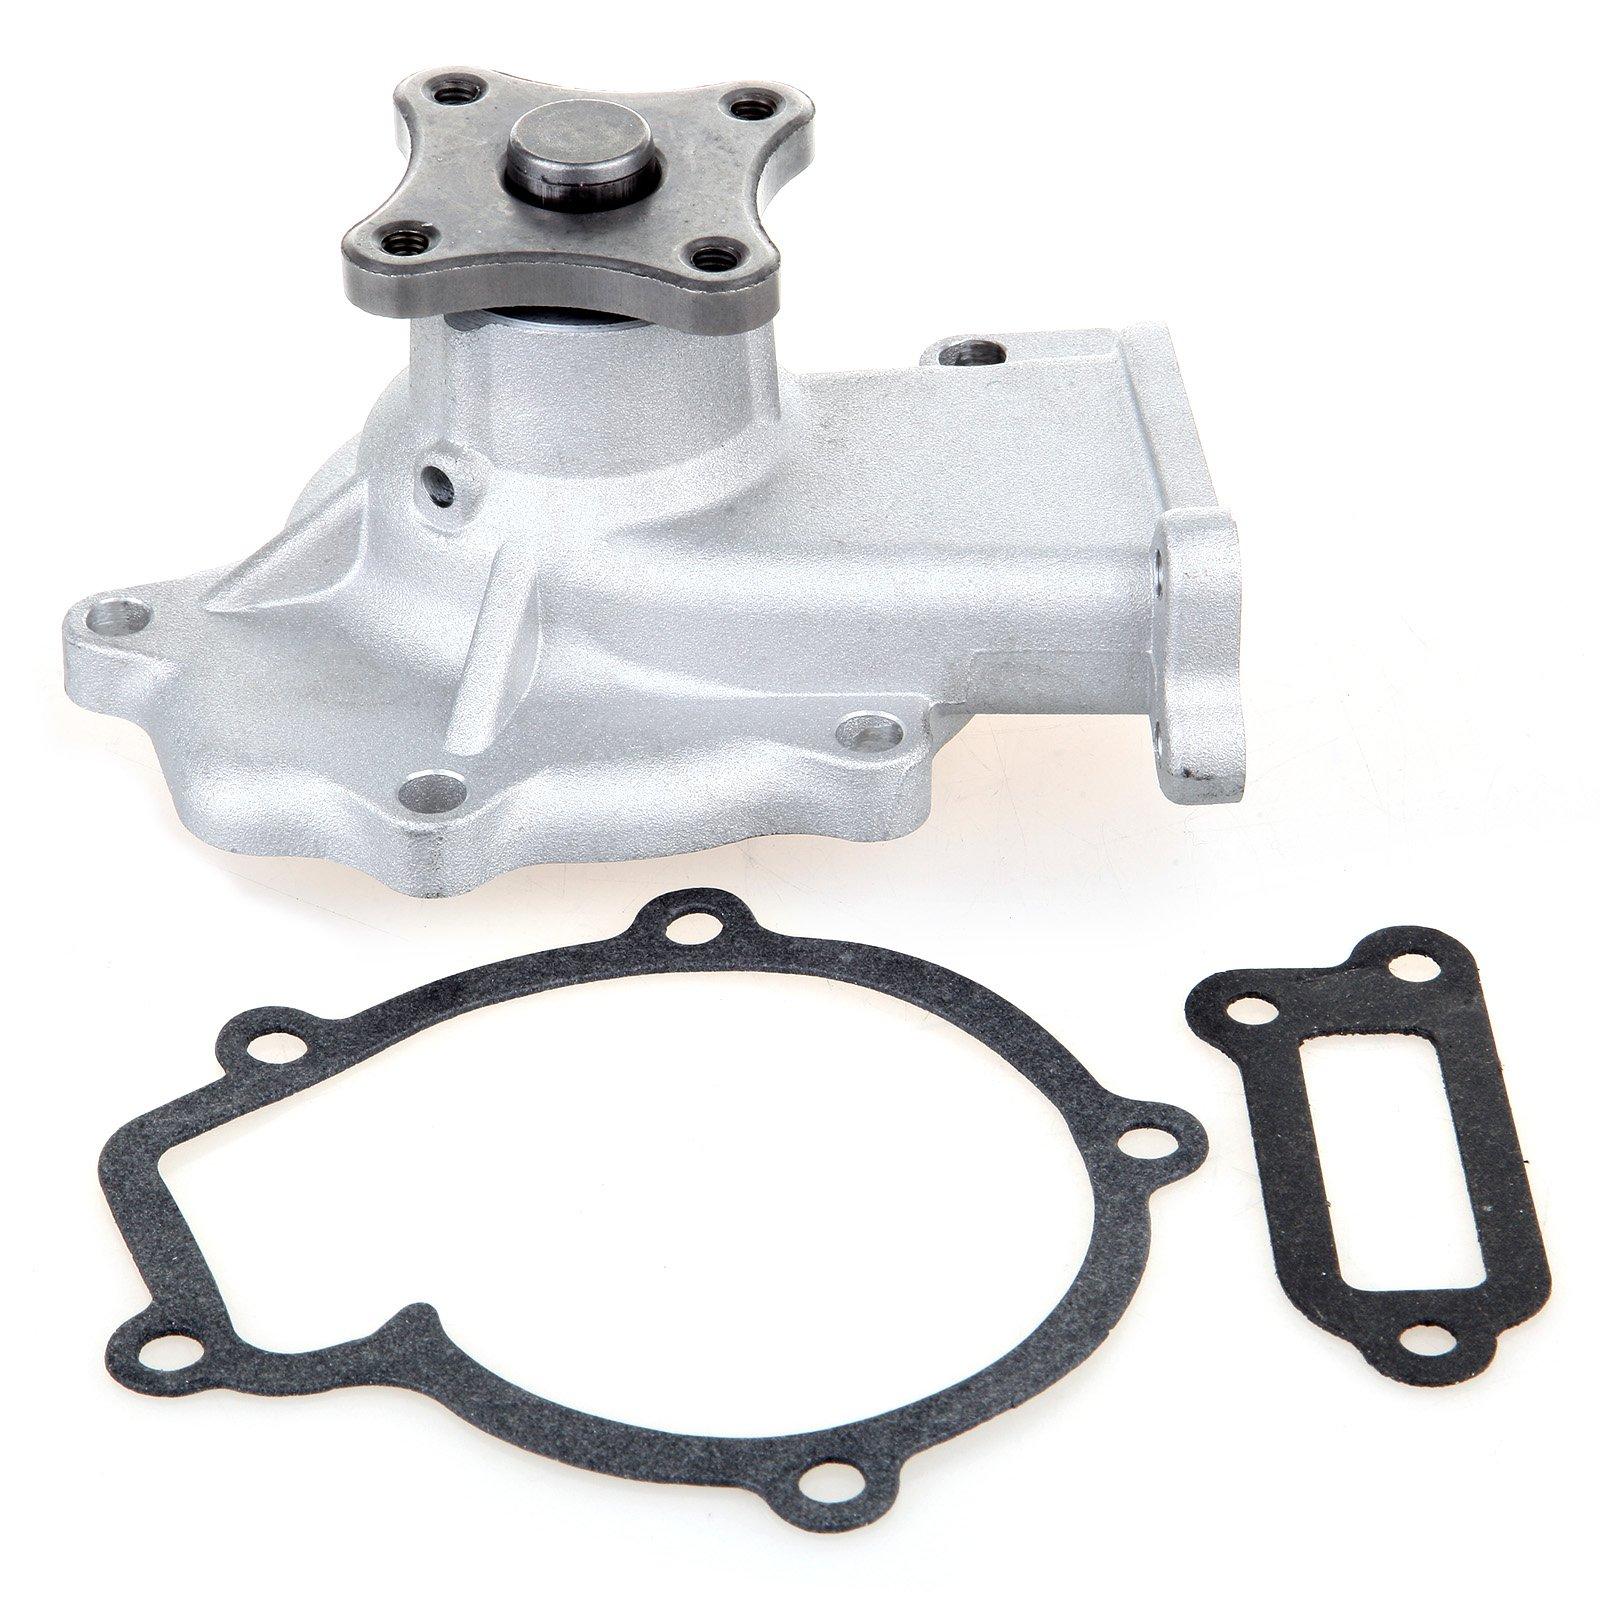 SCITOO Engine Water Pump fit 1991-1999 Nissan 200SX 1.6L NX 1.6L Sentra 1.6L L4 16v